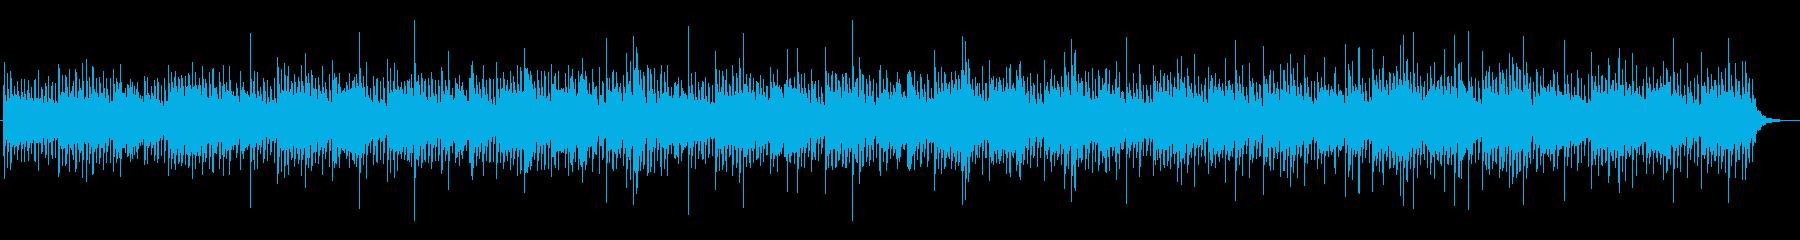 幻想的で和風なリラクゼーションサウンドの再生済みの波形